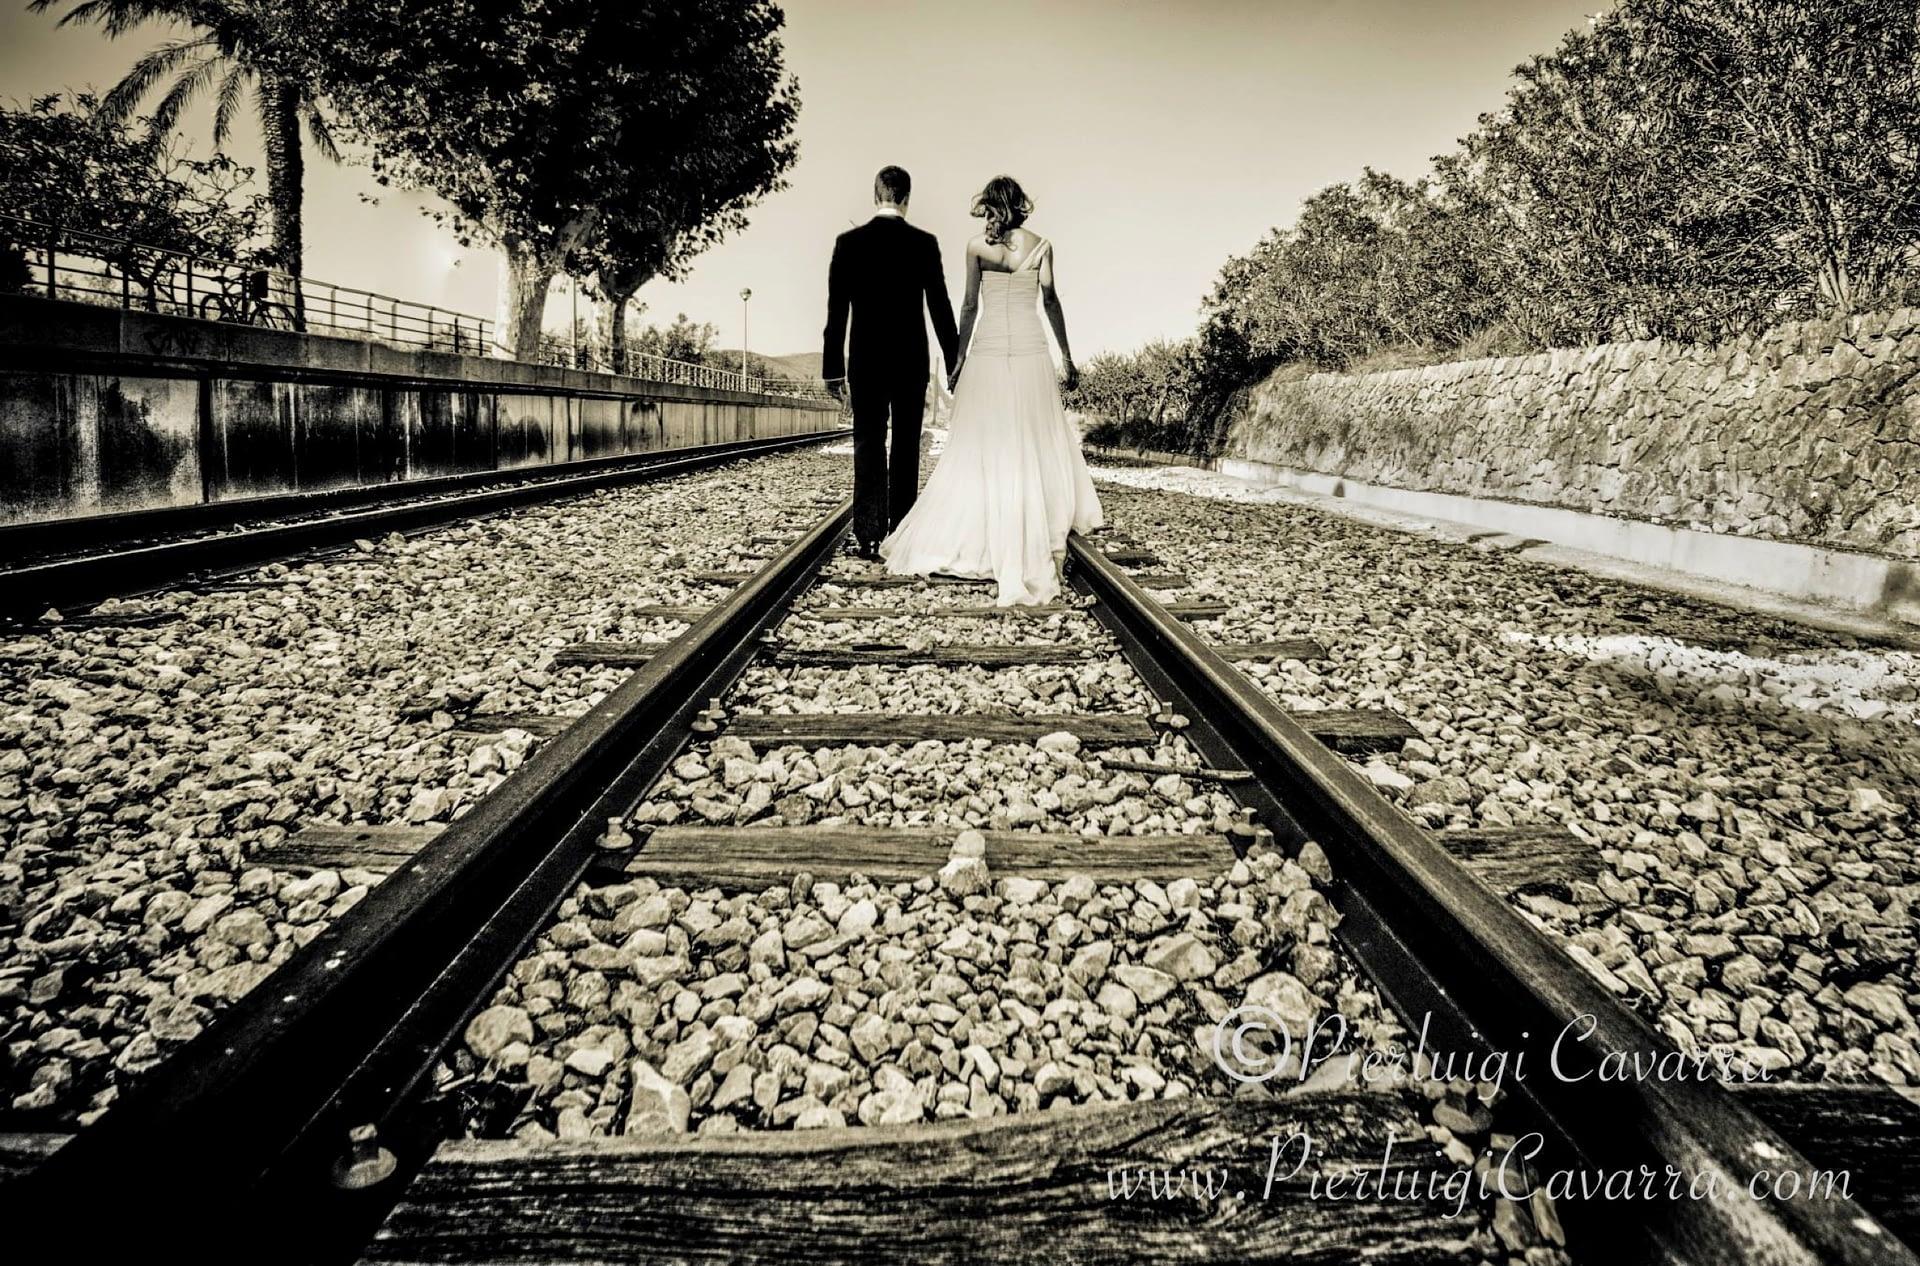 Pierluigi Cavarra - fotografo de bodas y eventos - wedding photographer costa blanca - ejemplo -29